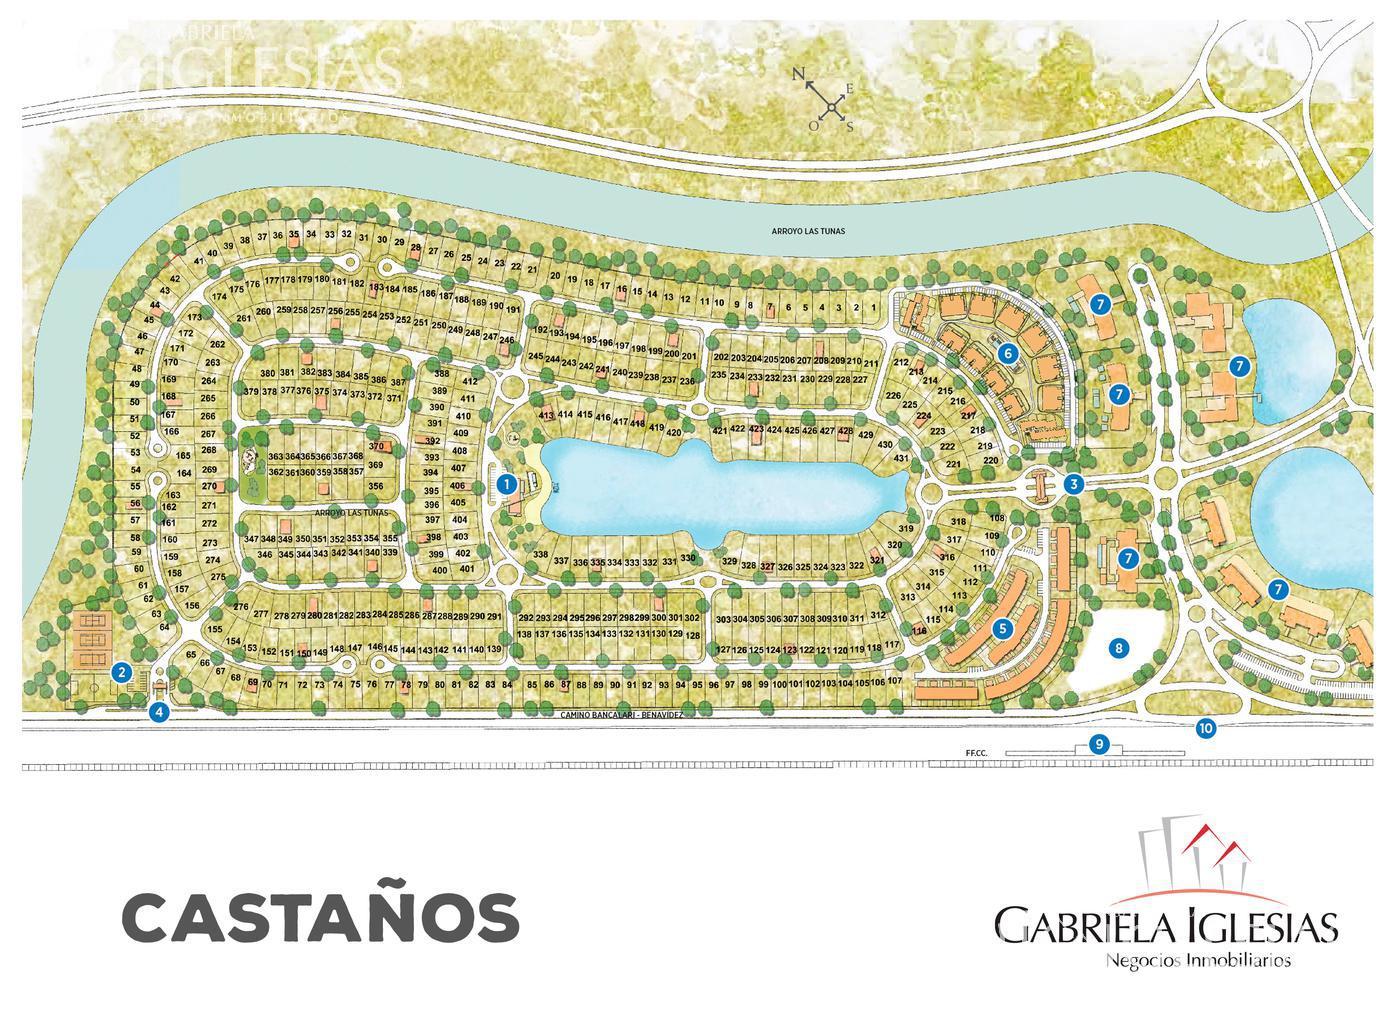 Terreno en Venta en Los Castaños a Venta - u$s 165.000